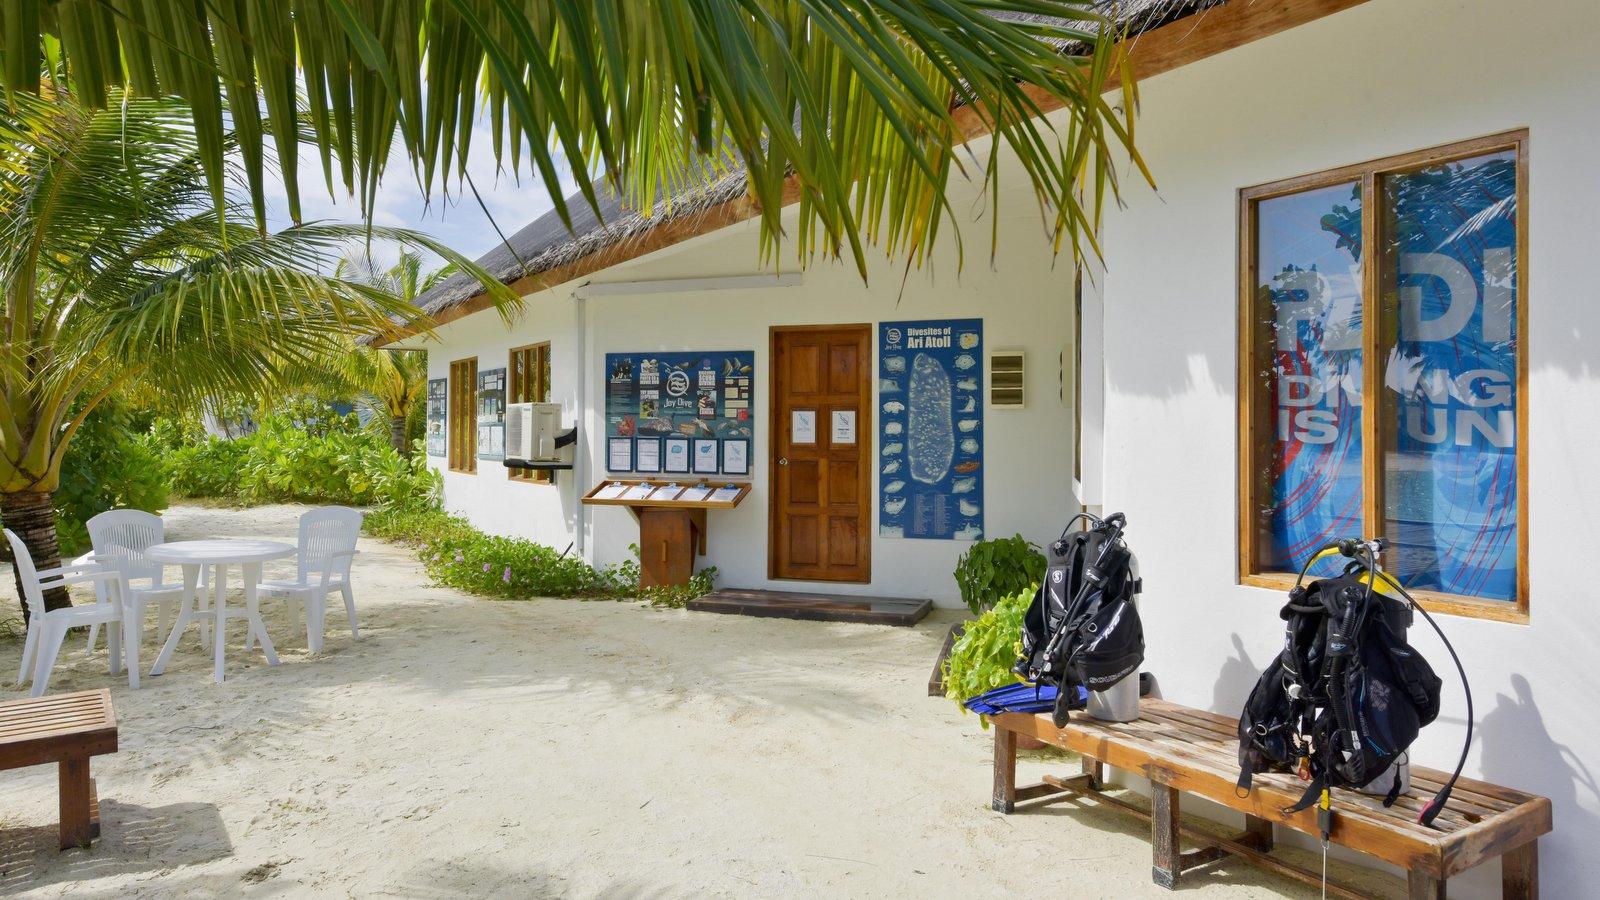 Мальдивы, отель Safari Island Resort & Spa, дайвинг центр